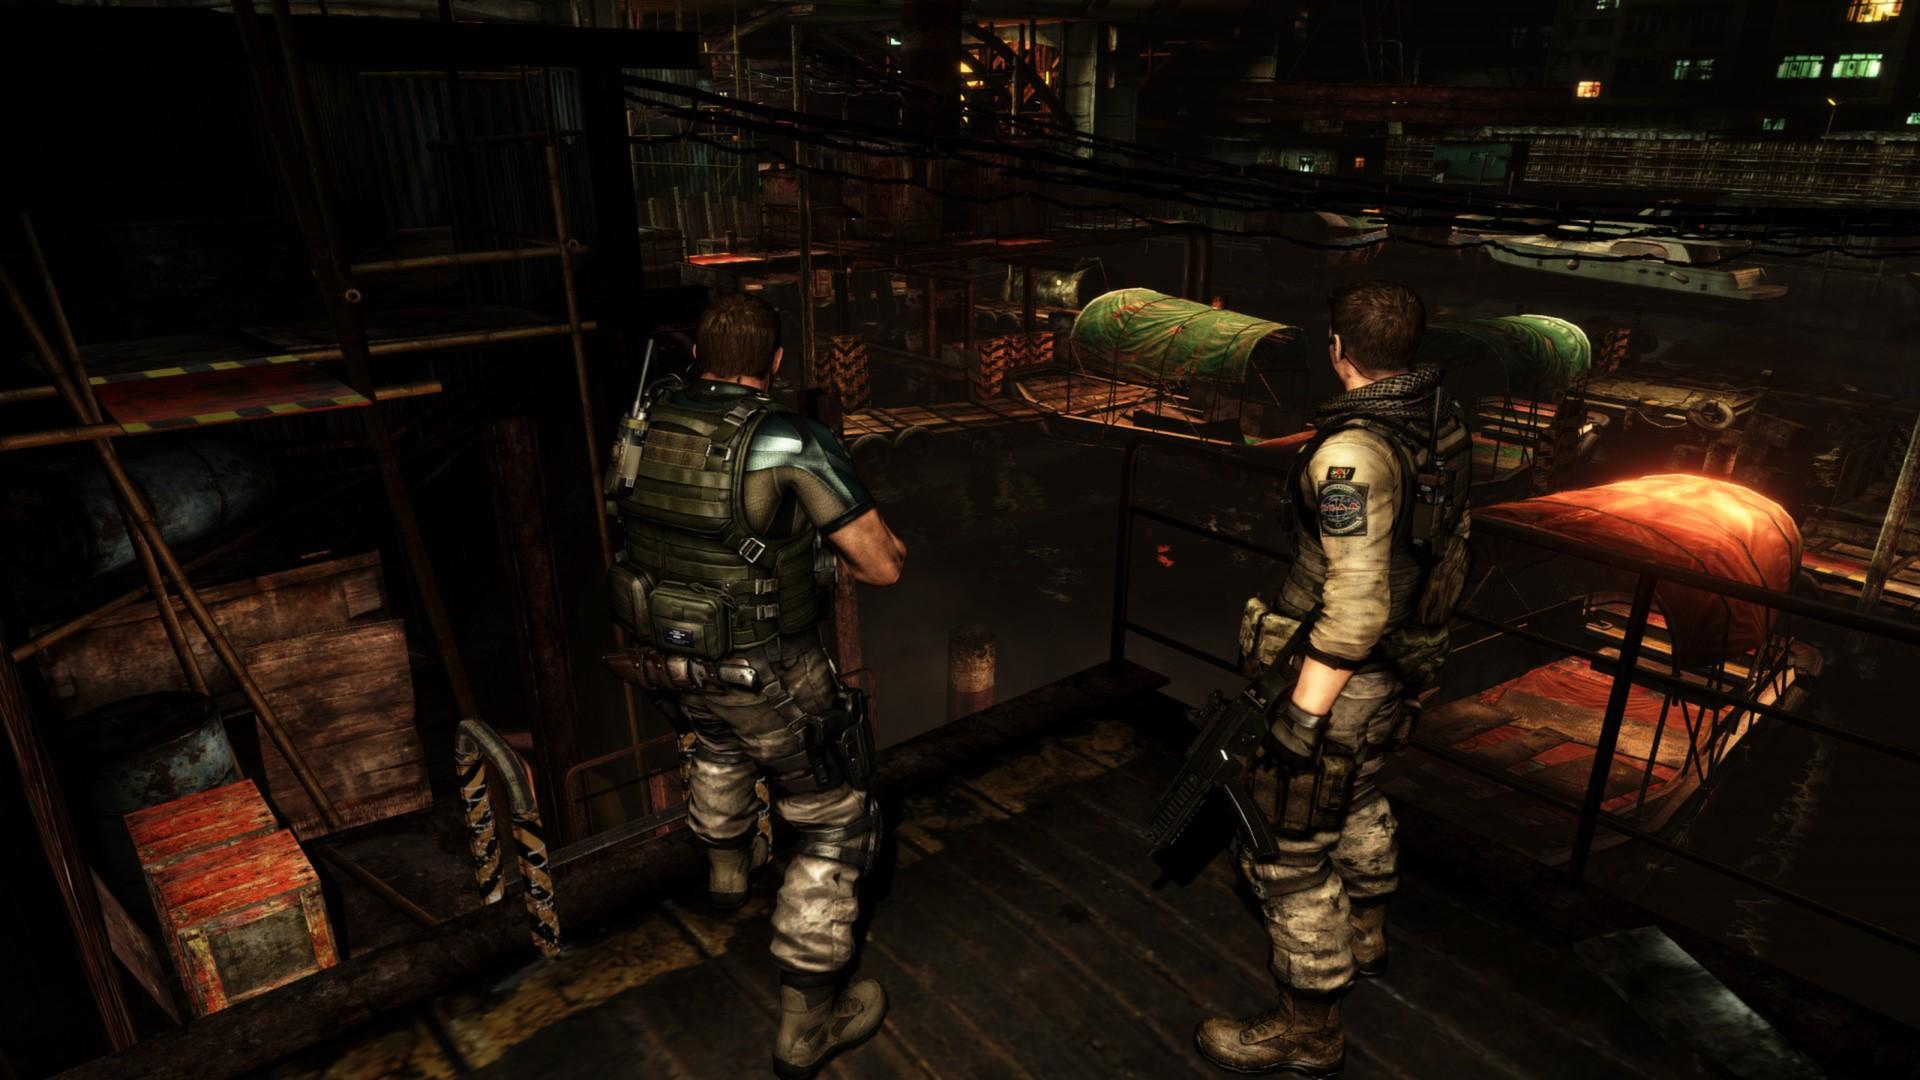 Resident Evil 6 Benchmark Tool on Steam